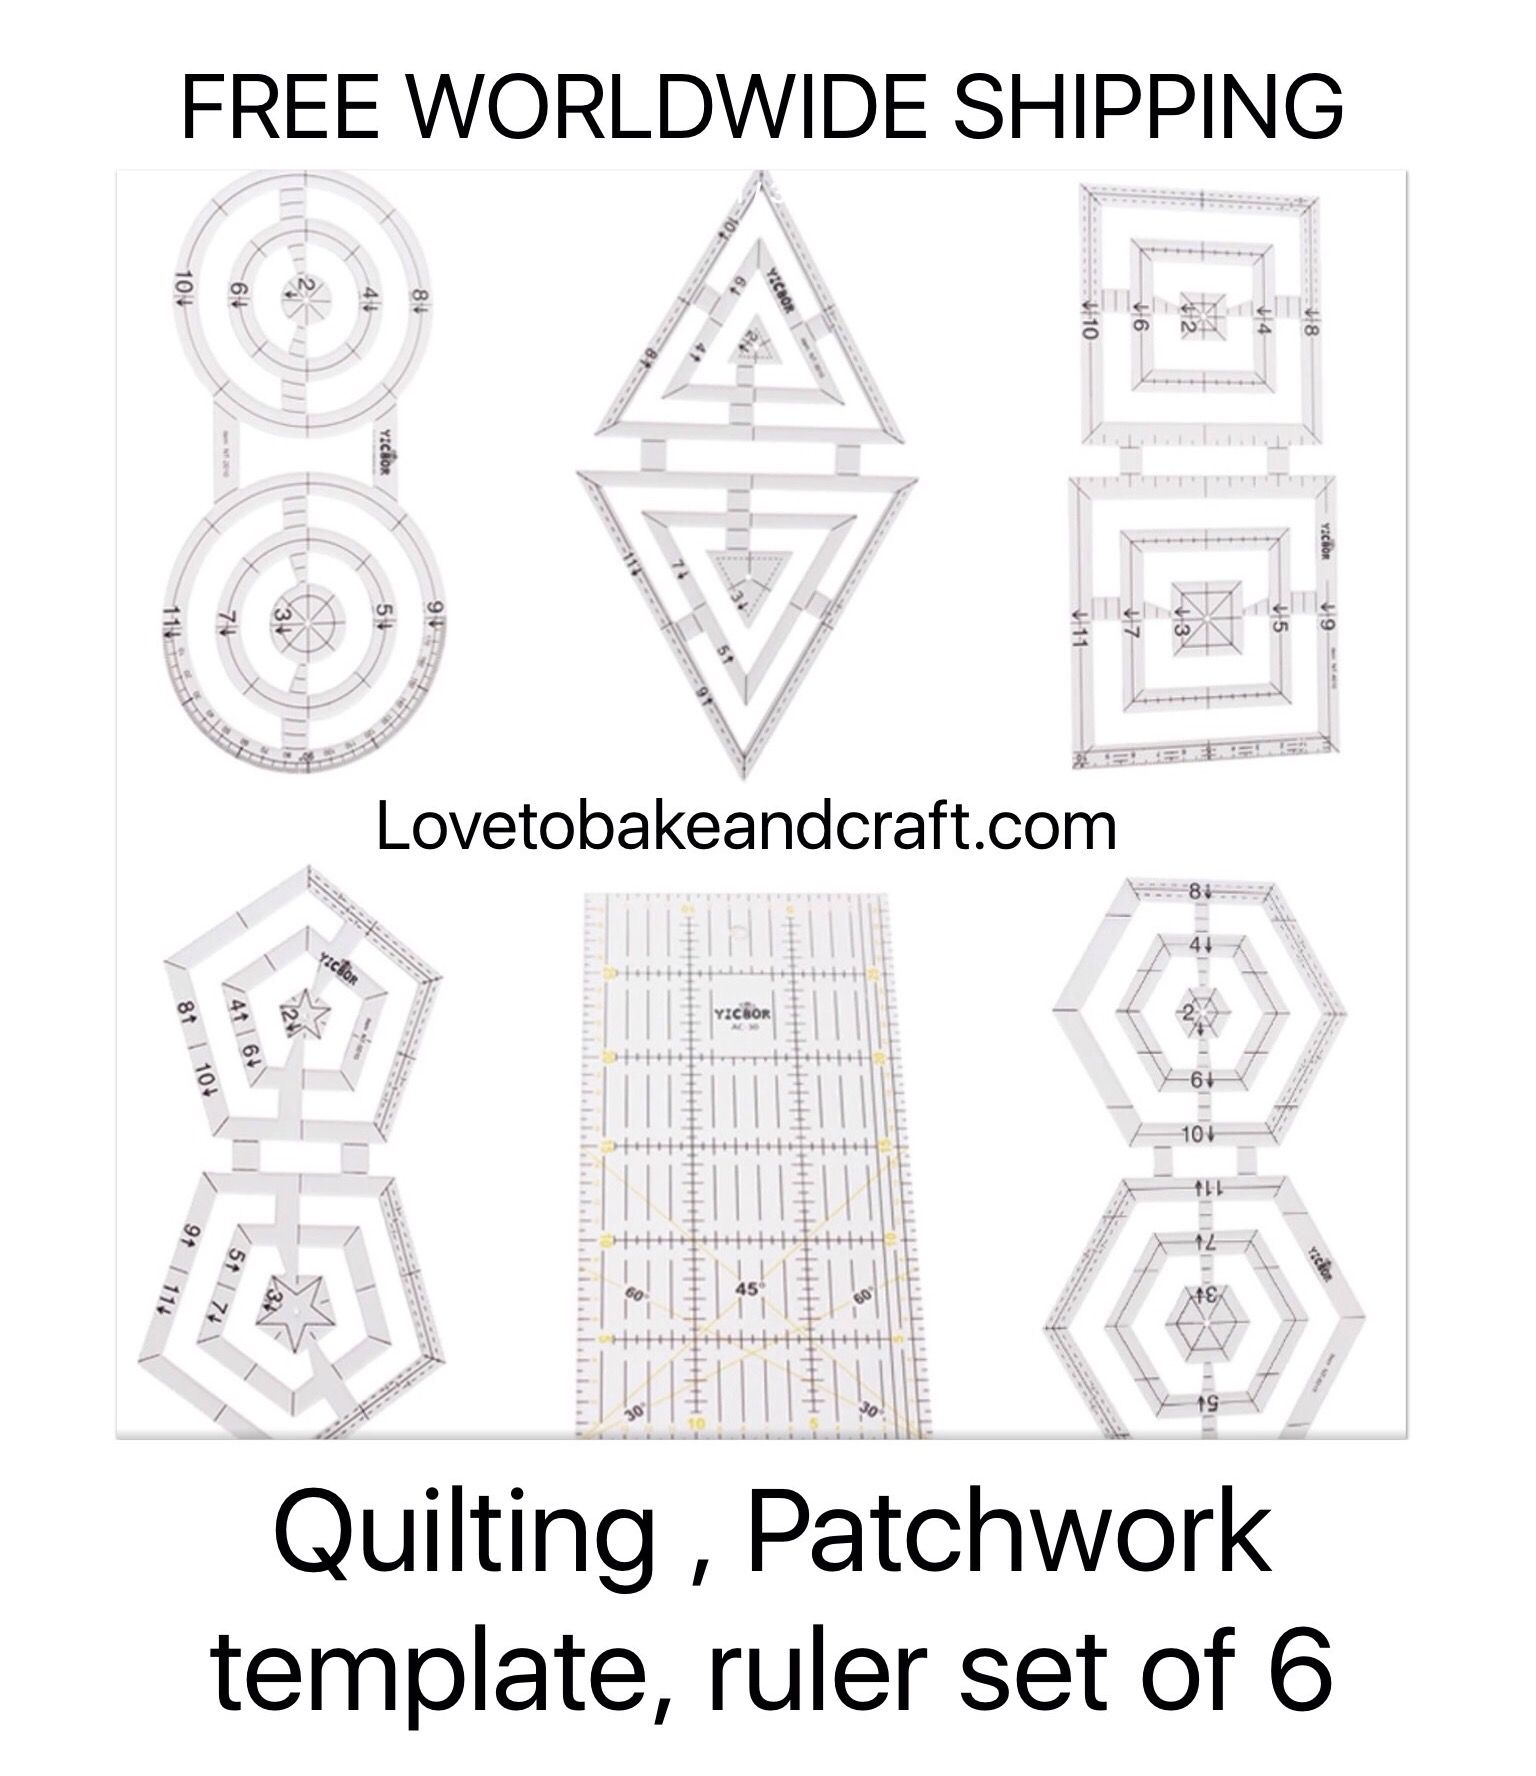 Acrylic patchwork ruler #patchworkruler #quiltingruler #